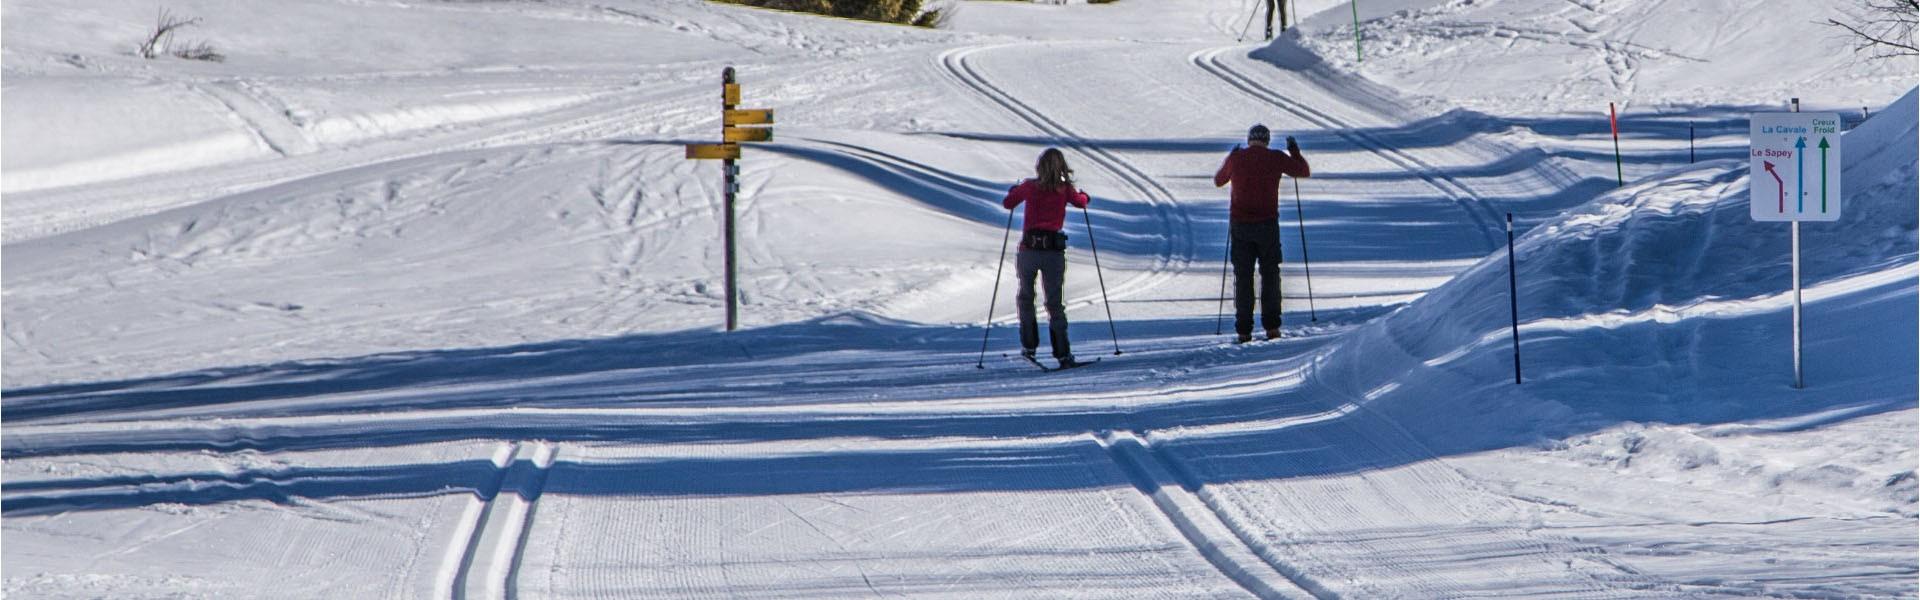 ski-de-fond-69-119-212